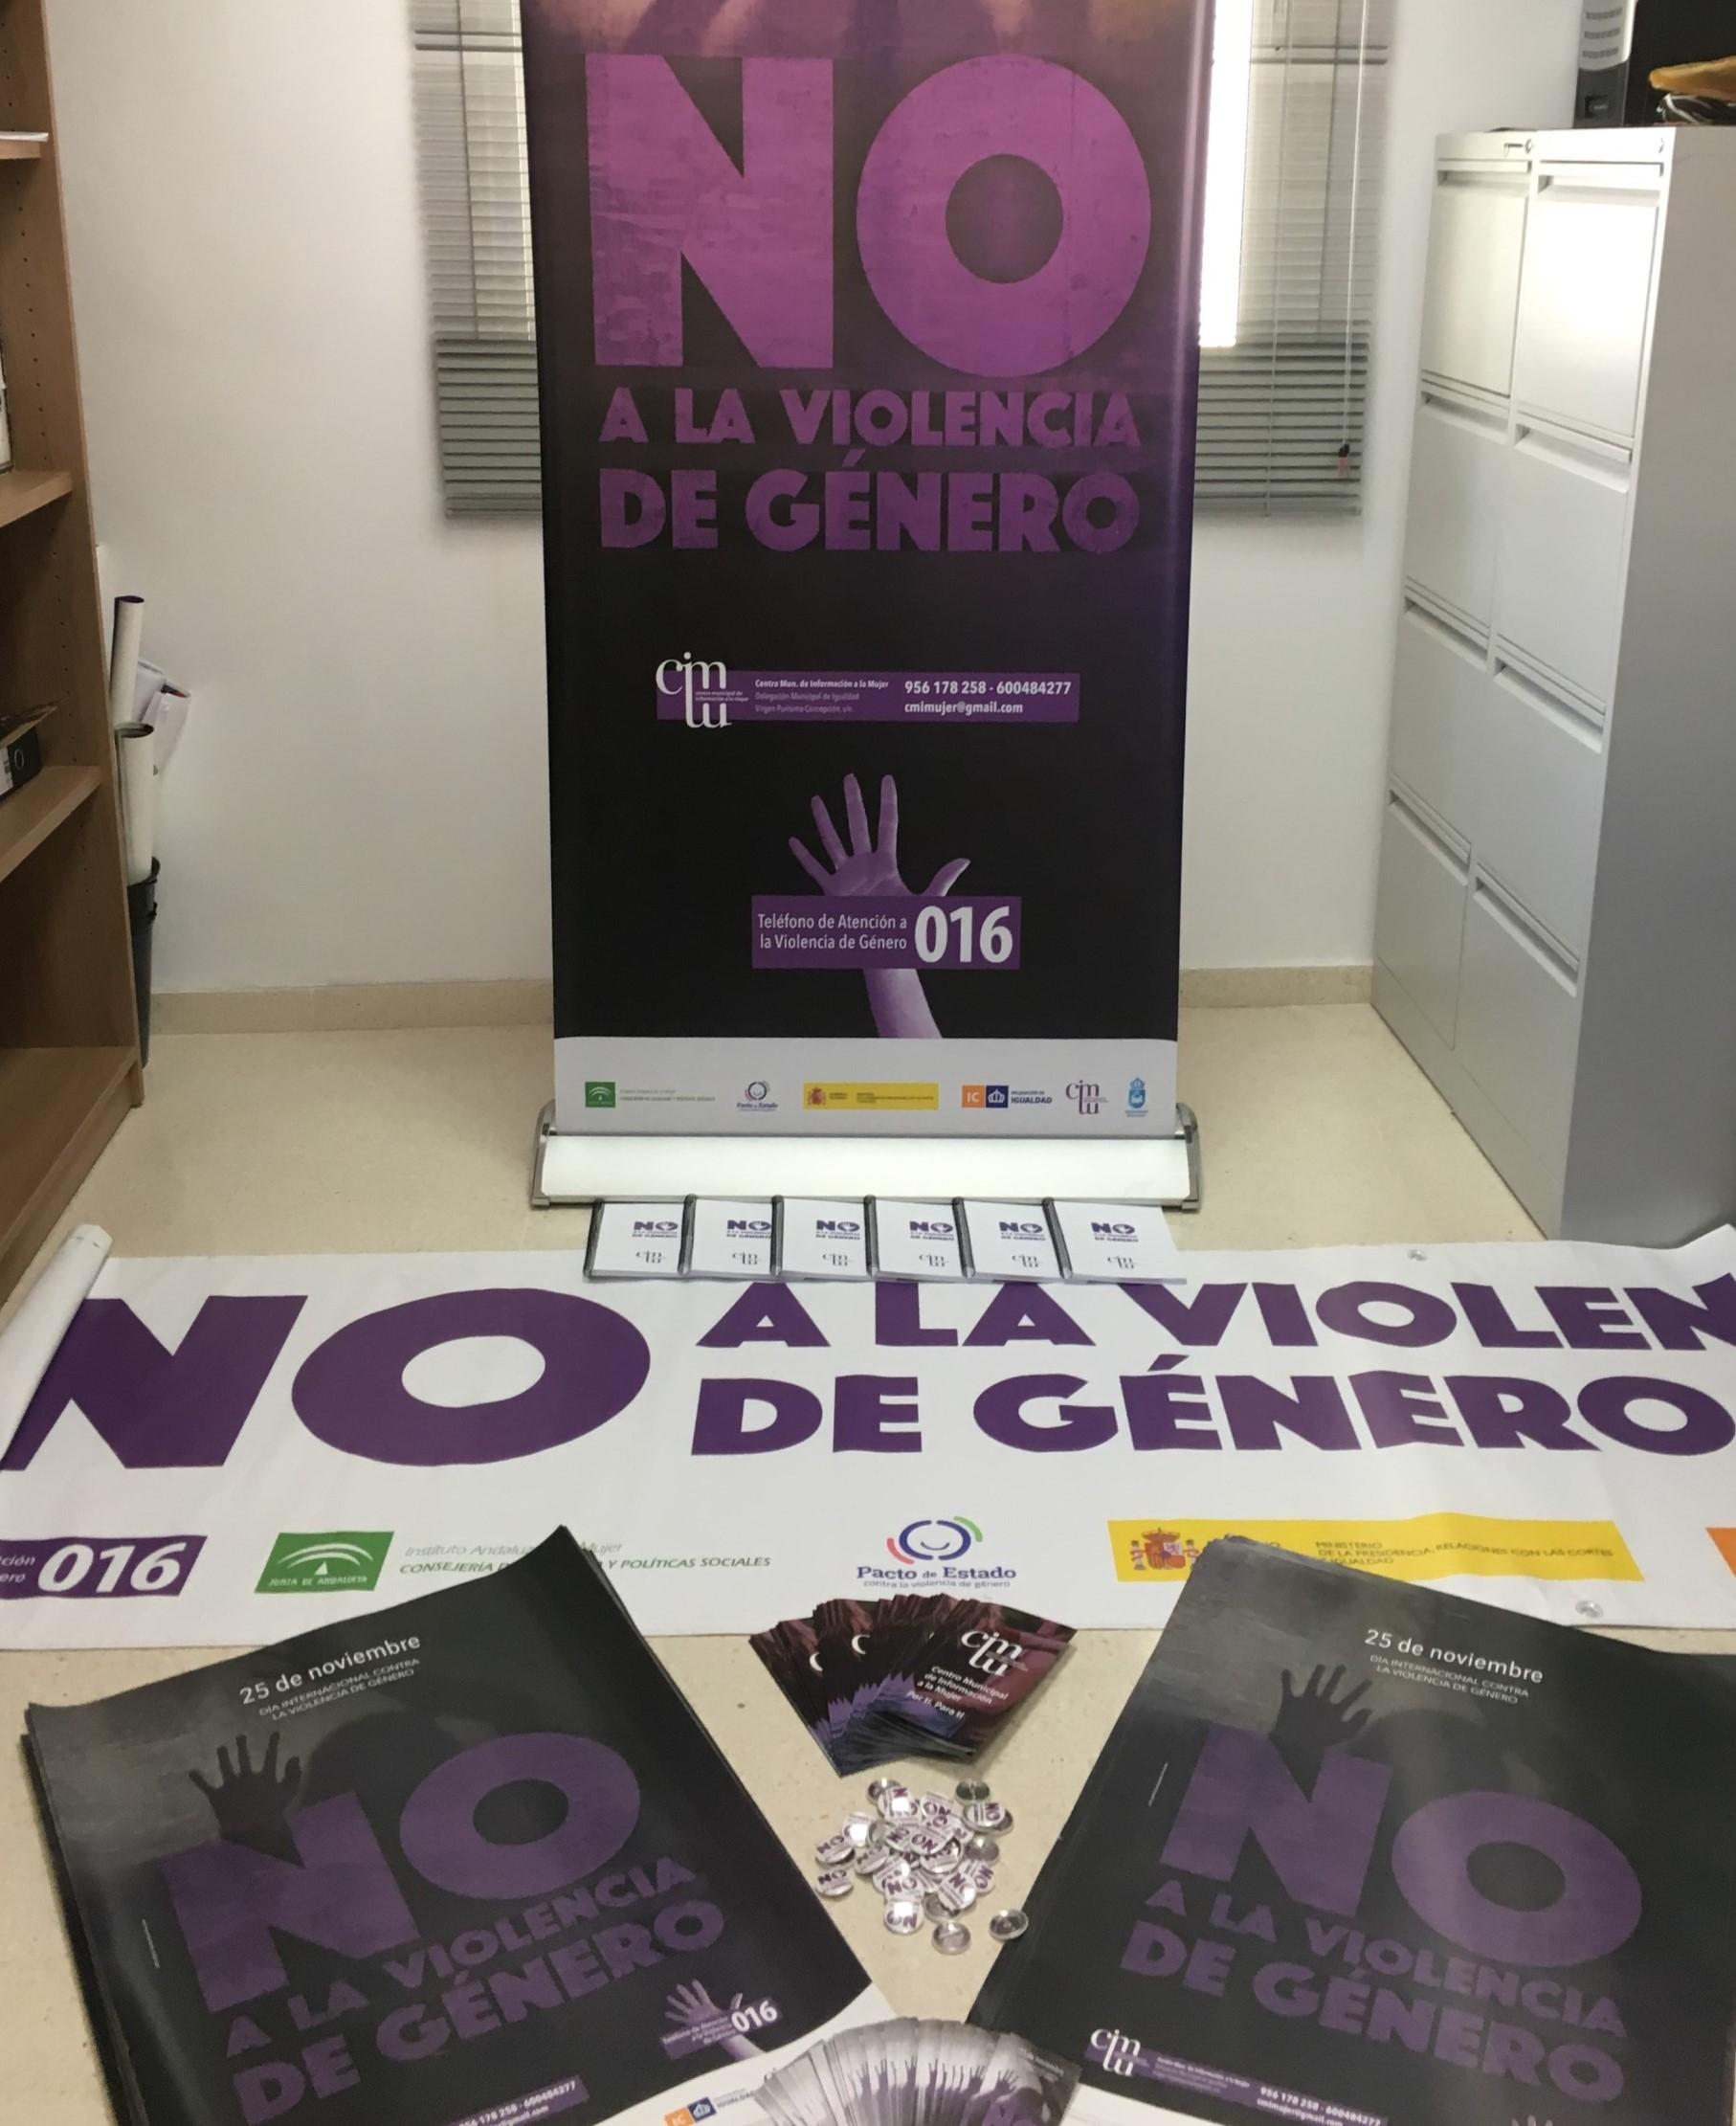 Campaña contra violencia genero